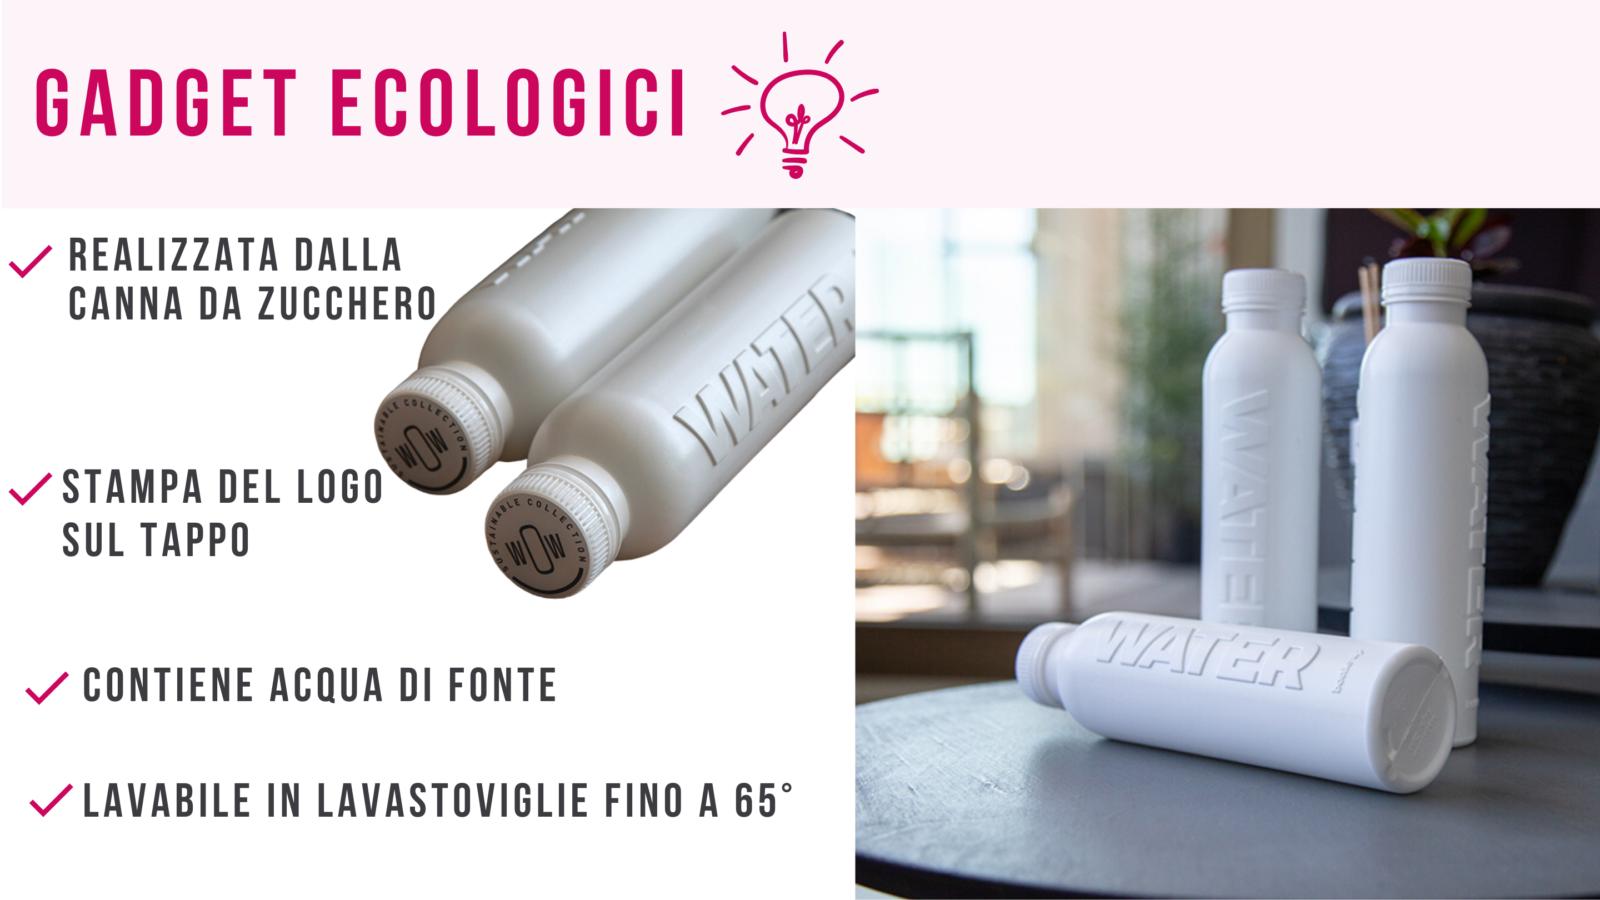 gadget eco friendly personalizzabili_ bottiglia in canna da zucchero